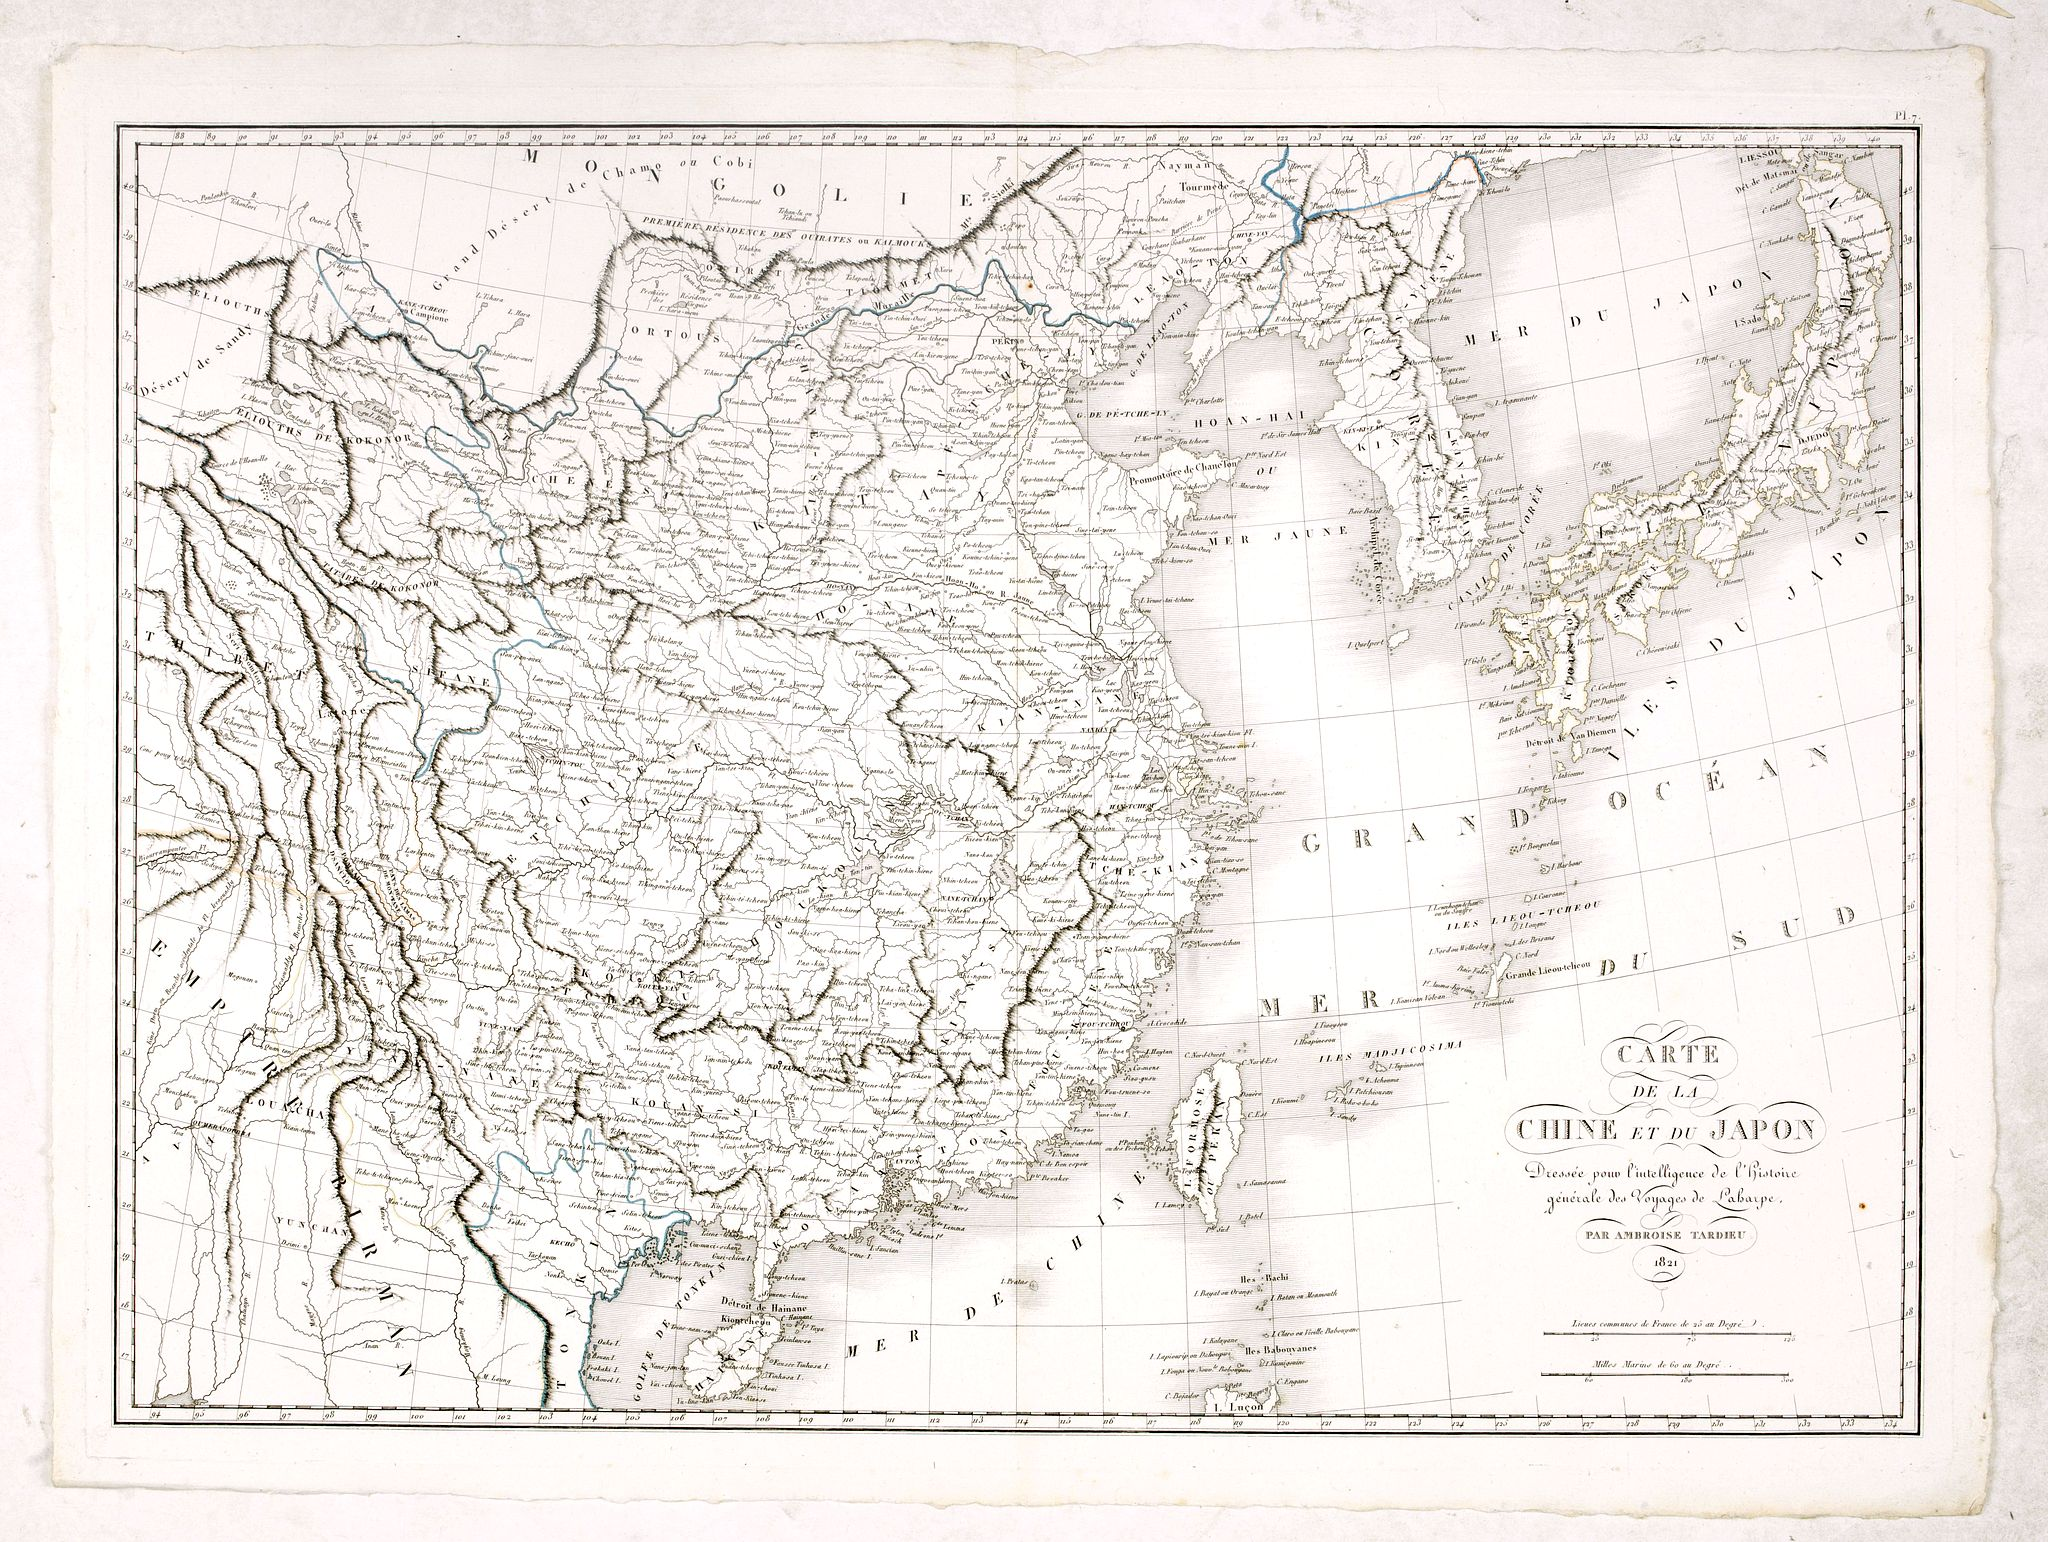 TARDIEU, A. -  Carte de la Chine et du Japon. Dressée pour l'intelligence de l'histoire général des voyages de Laharpe. . .